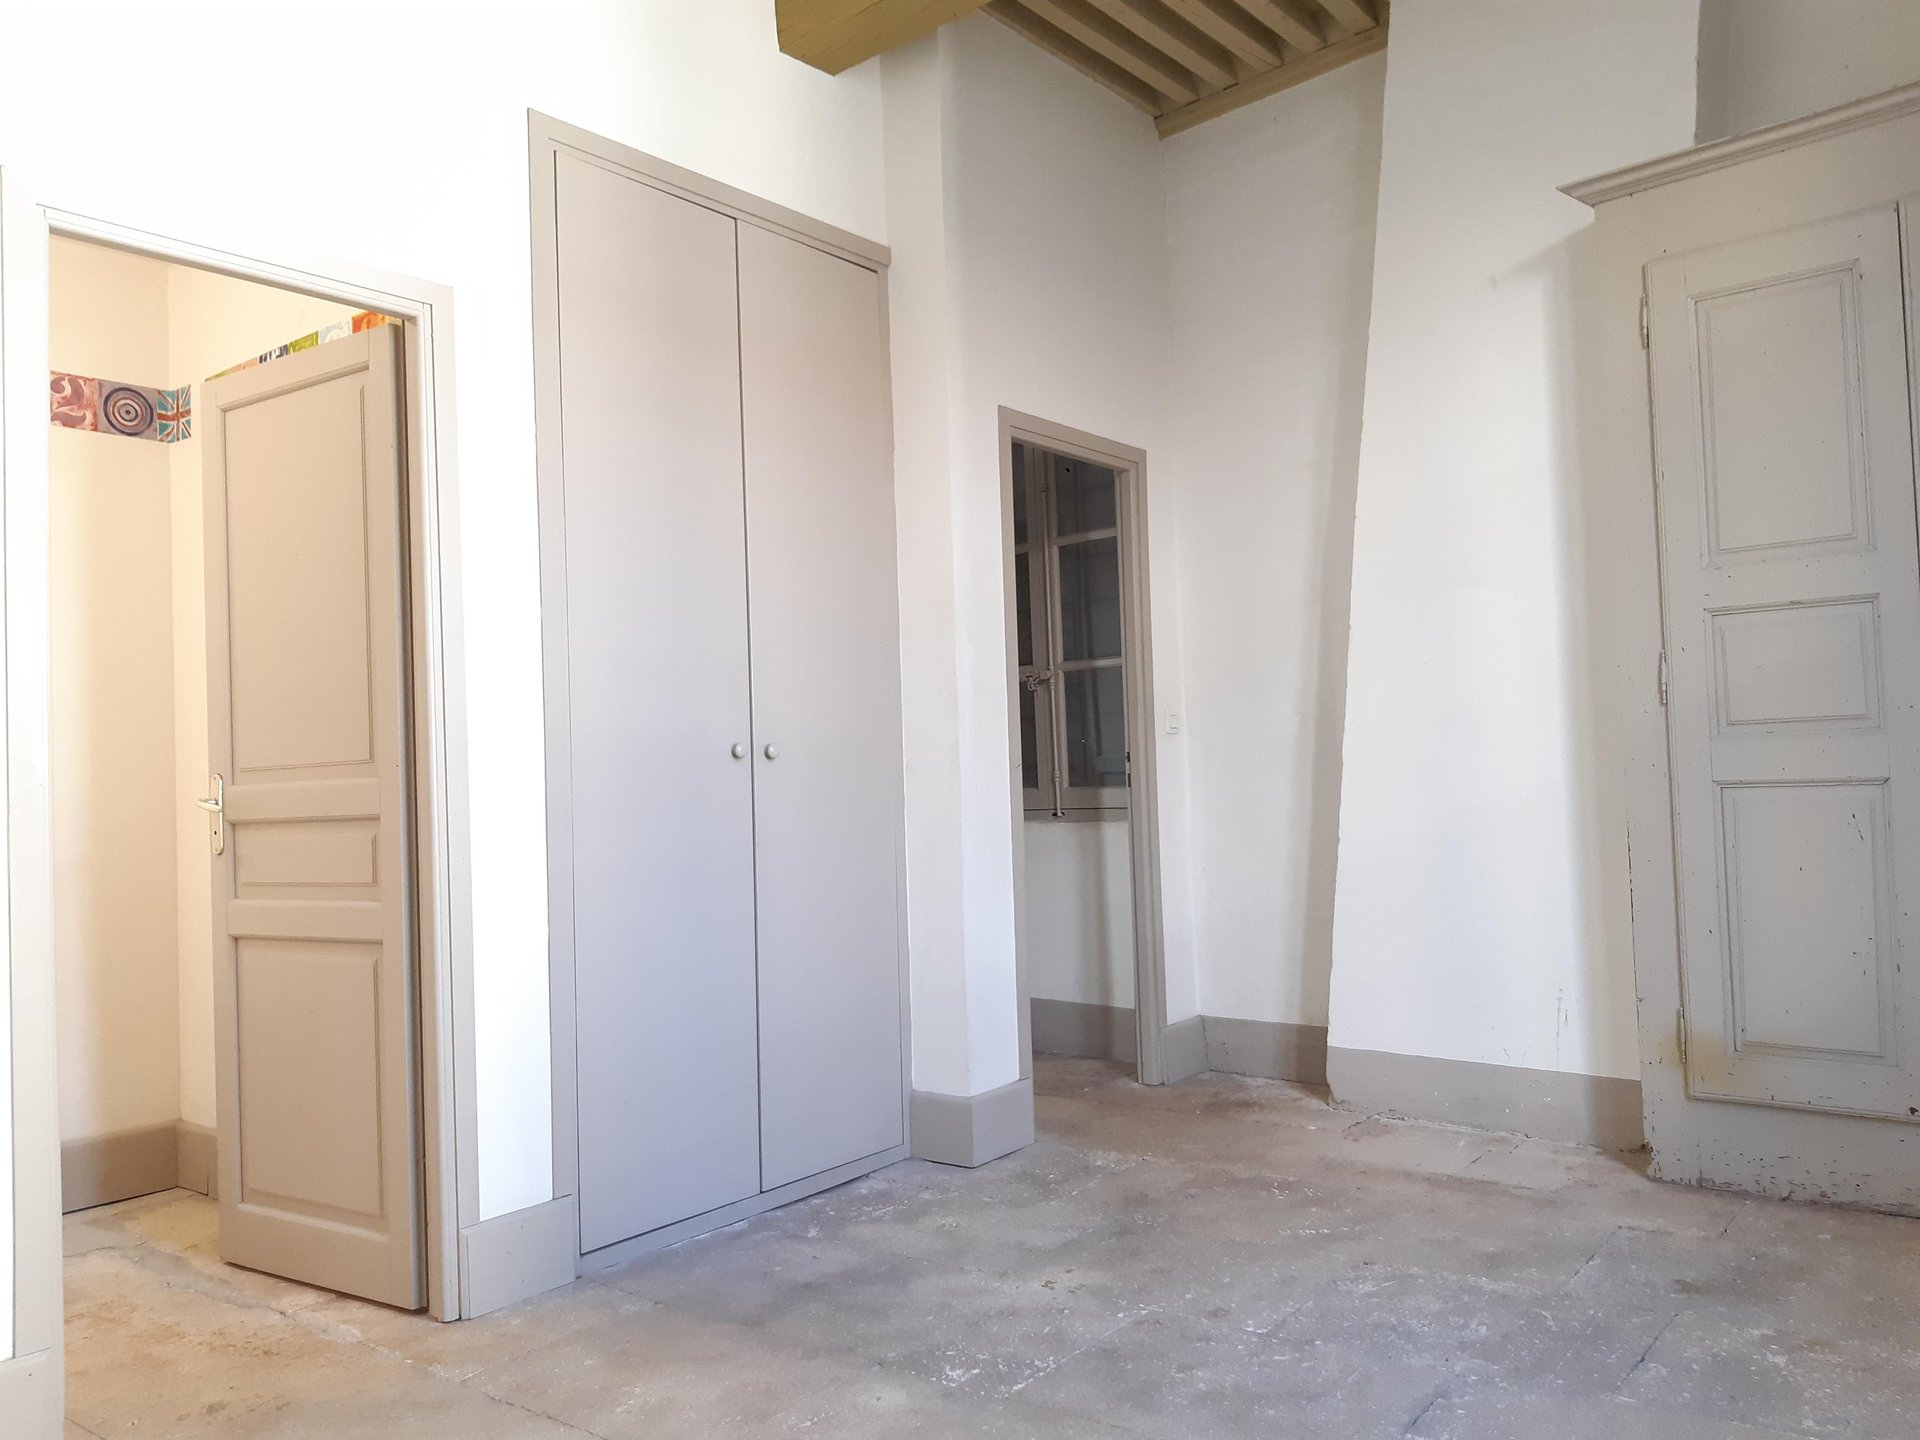 Location Appartement BEAUCAIRE surface habitable de 55 m²